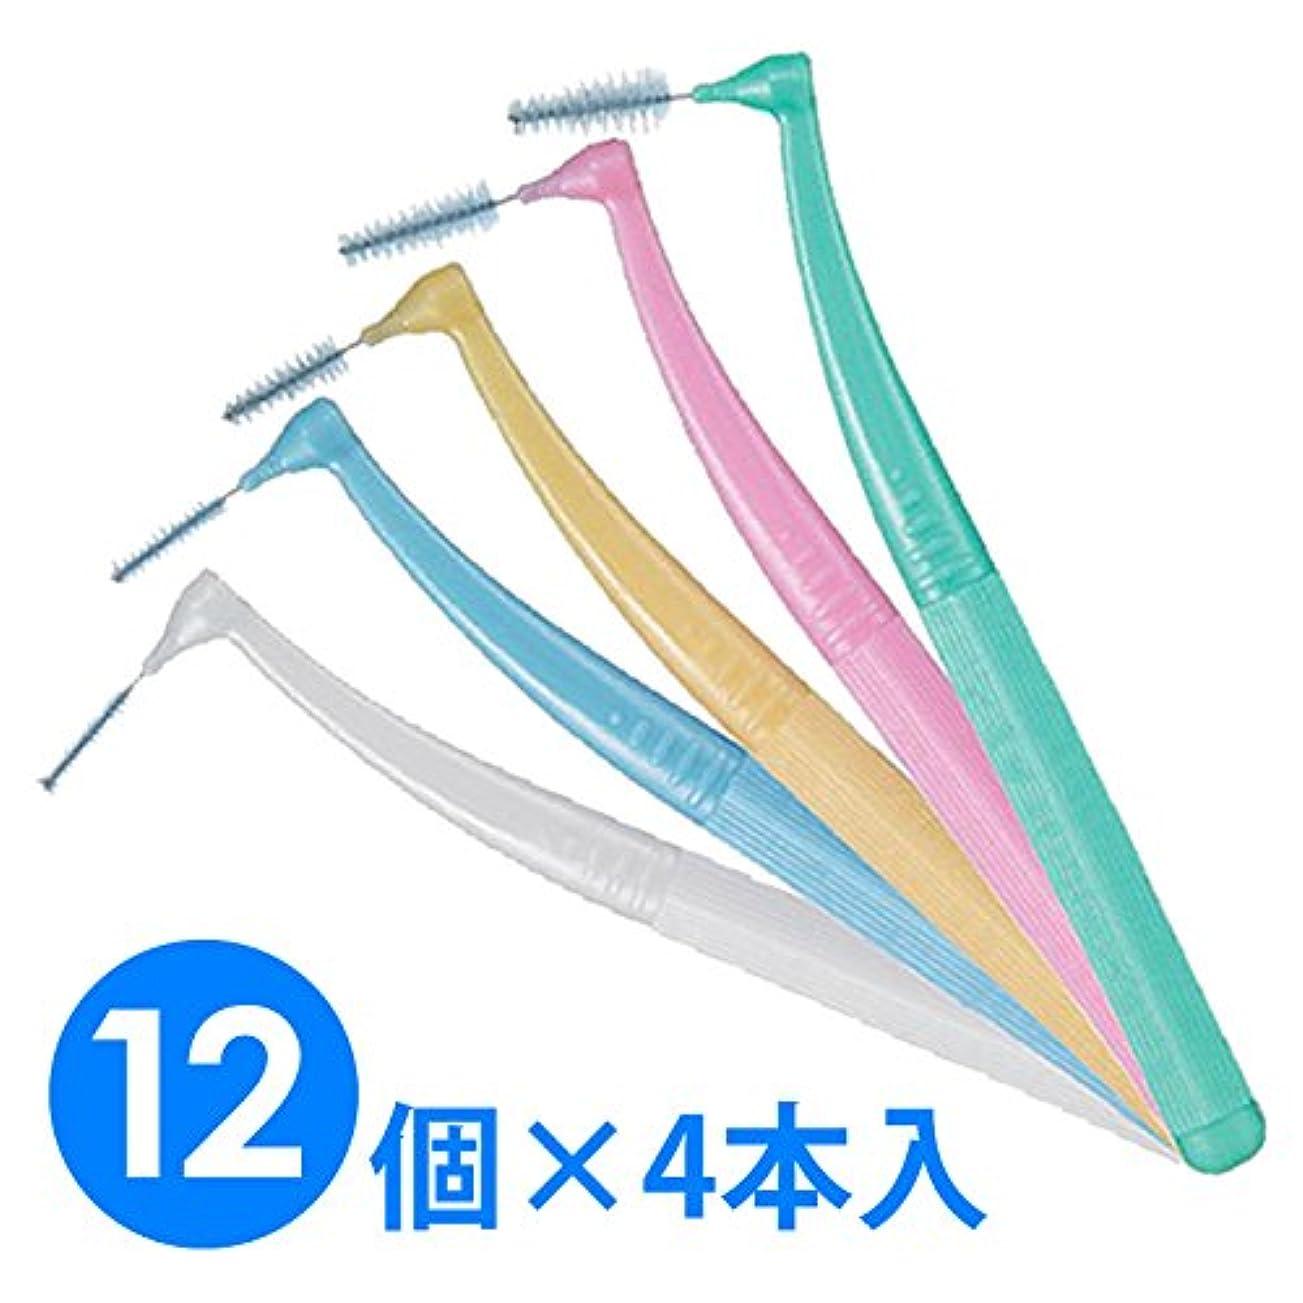 ファン質量学部長【12個1箱】ガム?プロズ 歯間ブラシL字型 4本入り×12 (SSS(1)ホワイト)